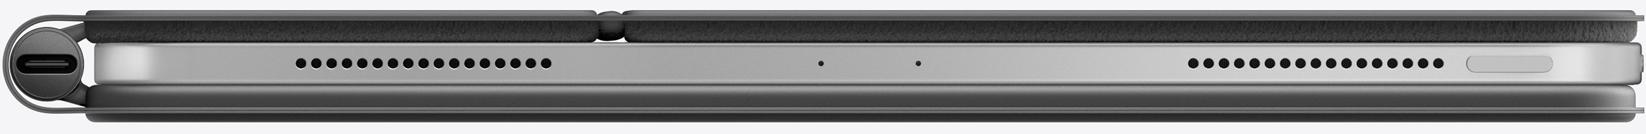 iPad Pro del año 2020